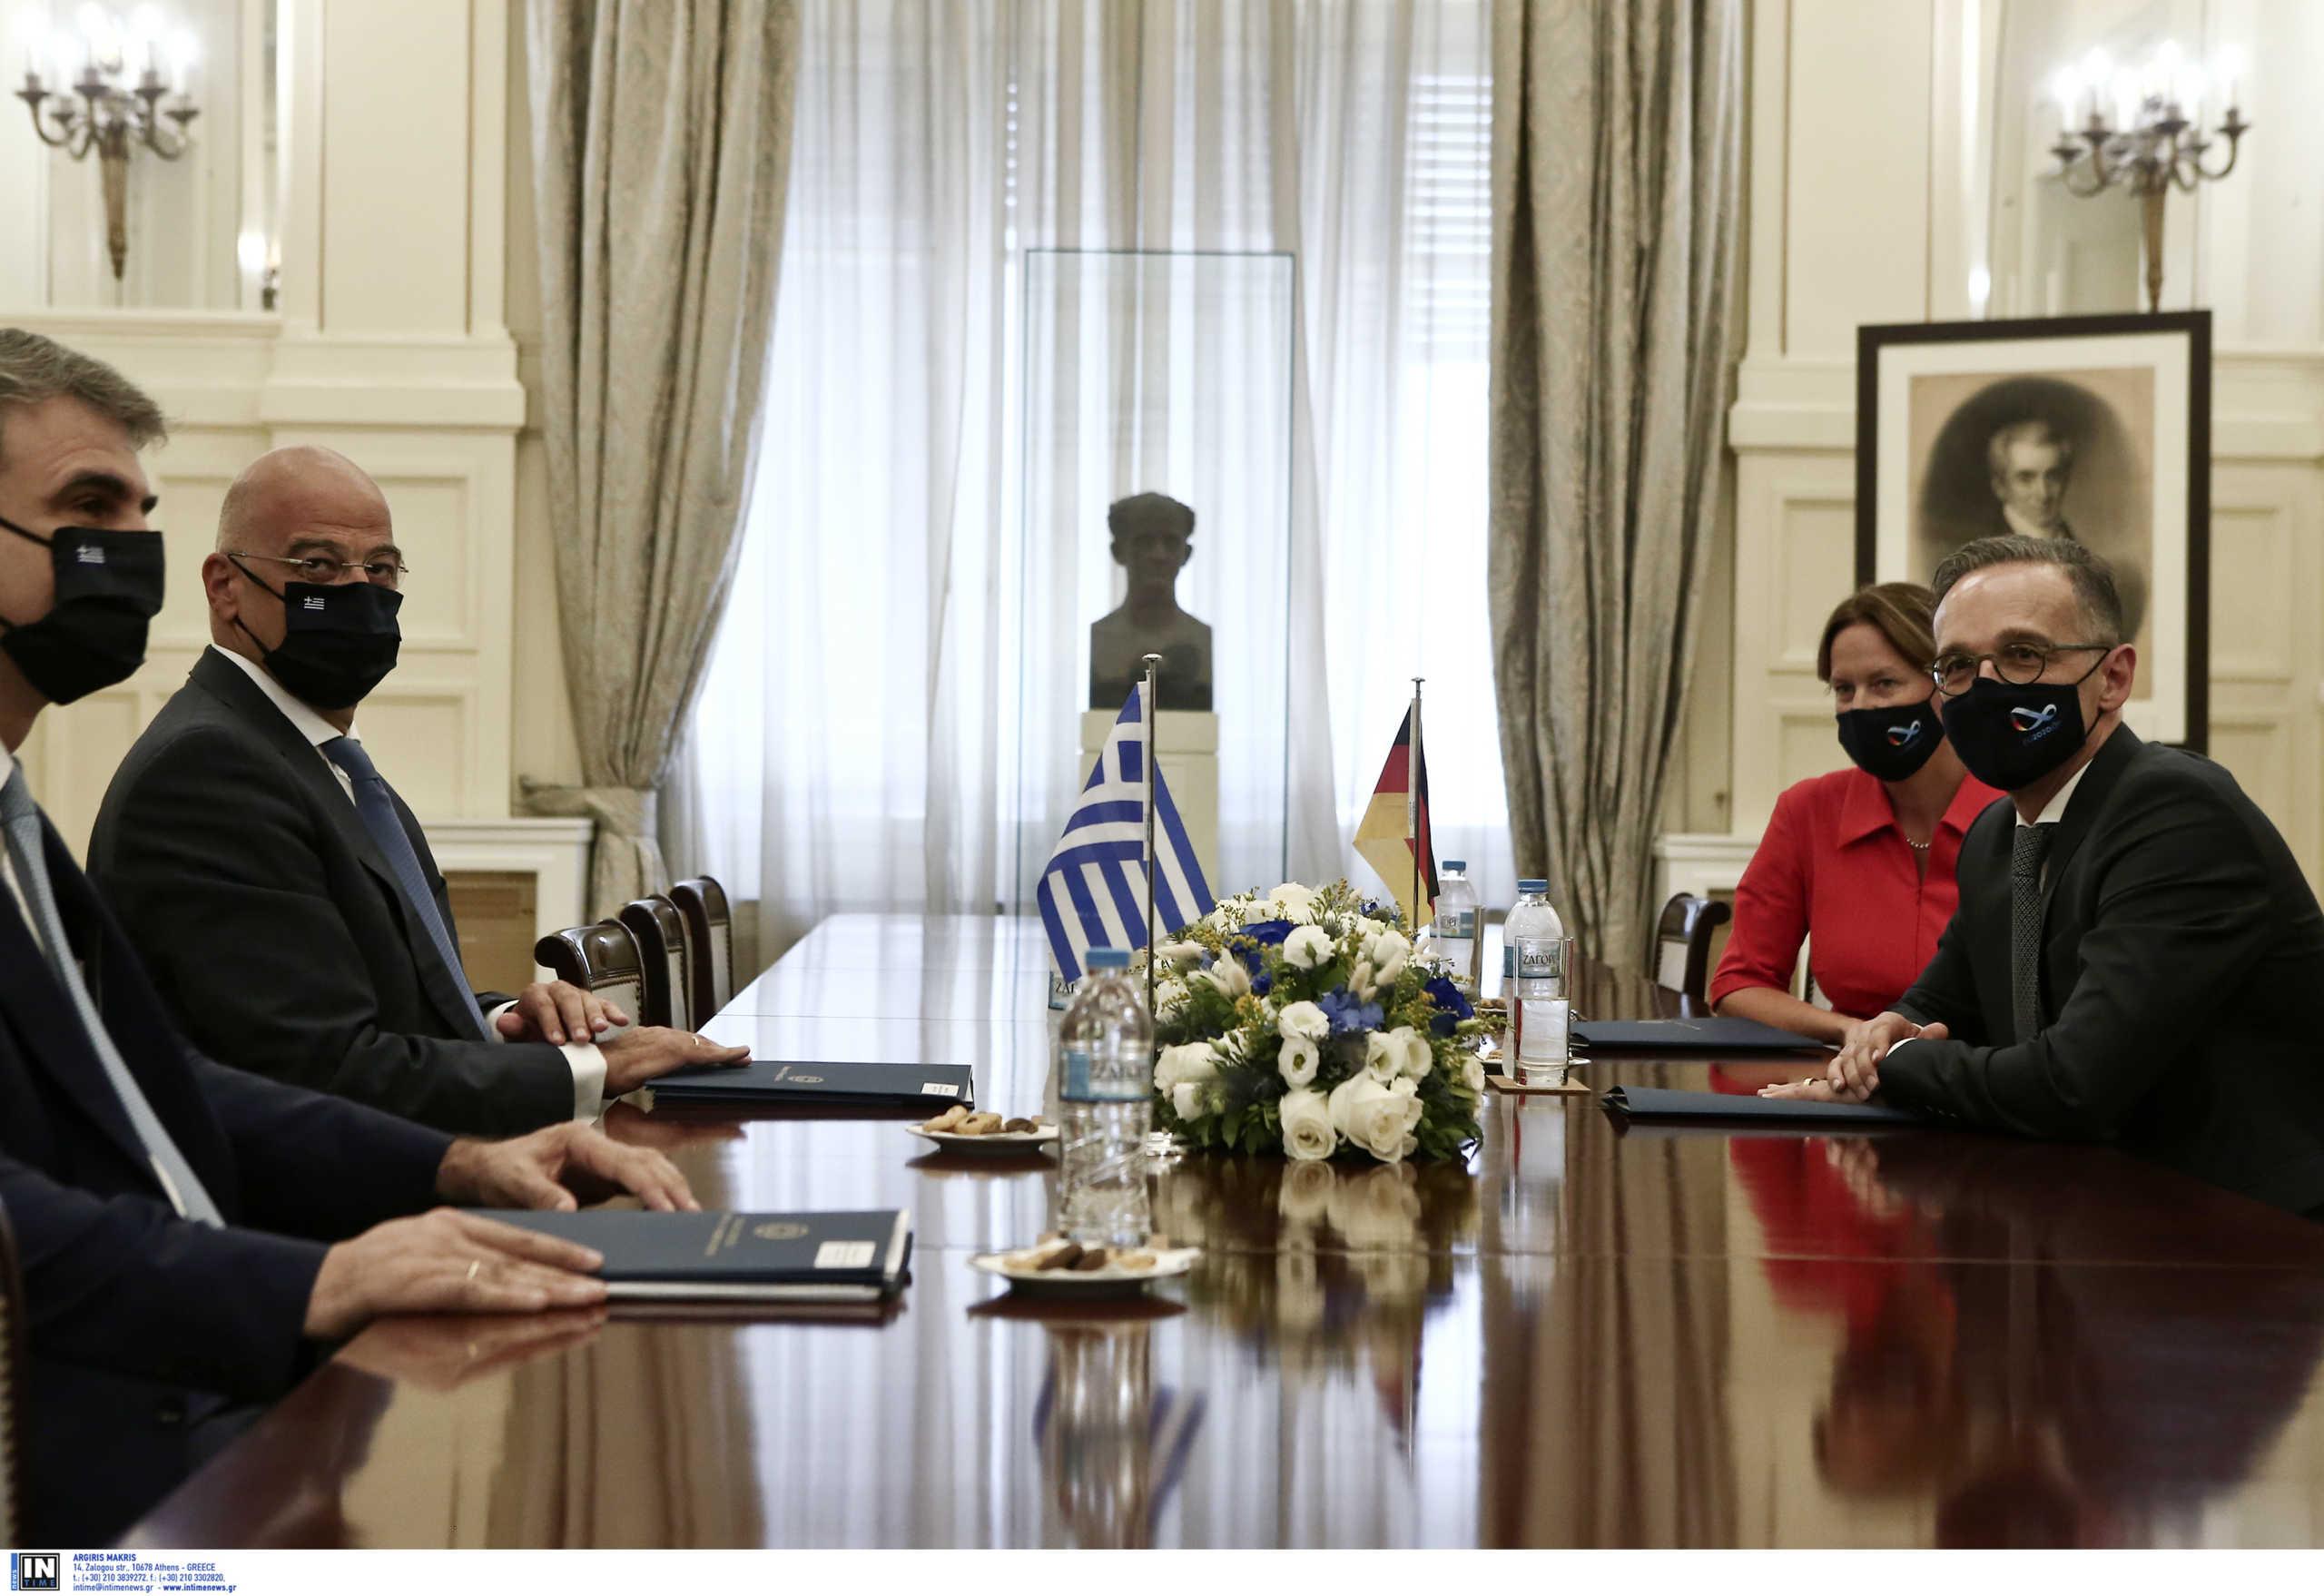 Χάικο Μάας: Είμαστε στο πλευρό της Ελλάδας – Μια σπίθα μπορεί να οδηγήσει σε καταστροφή